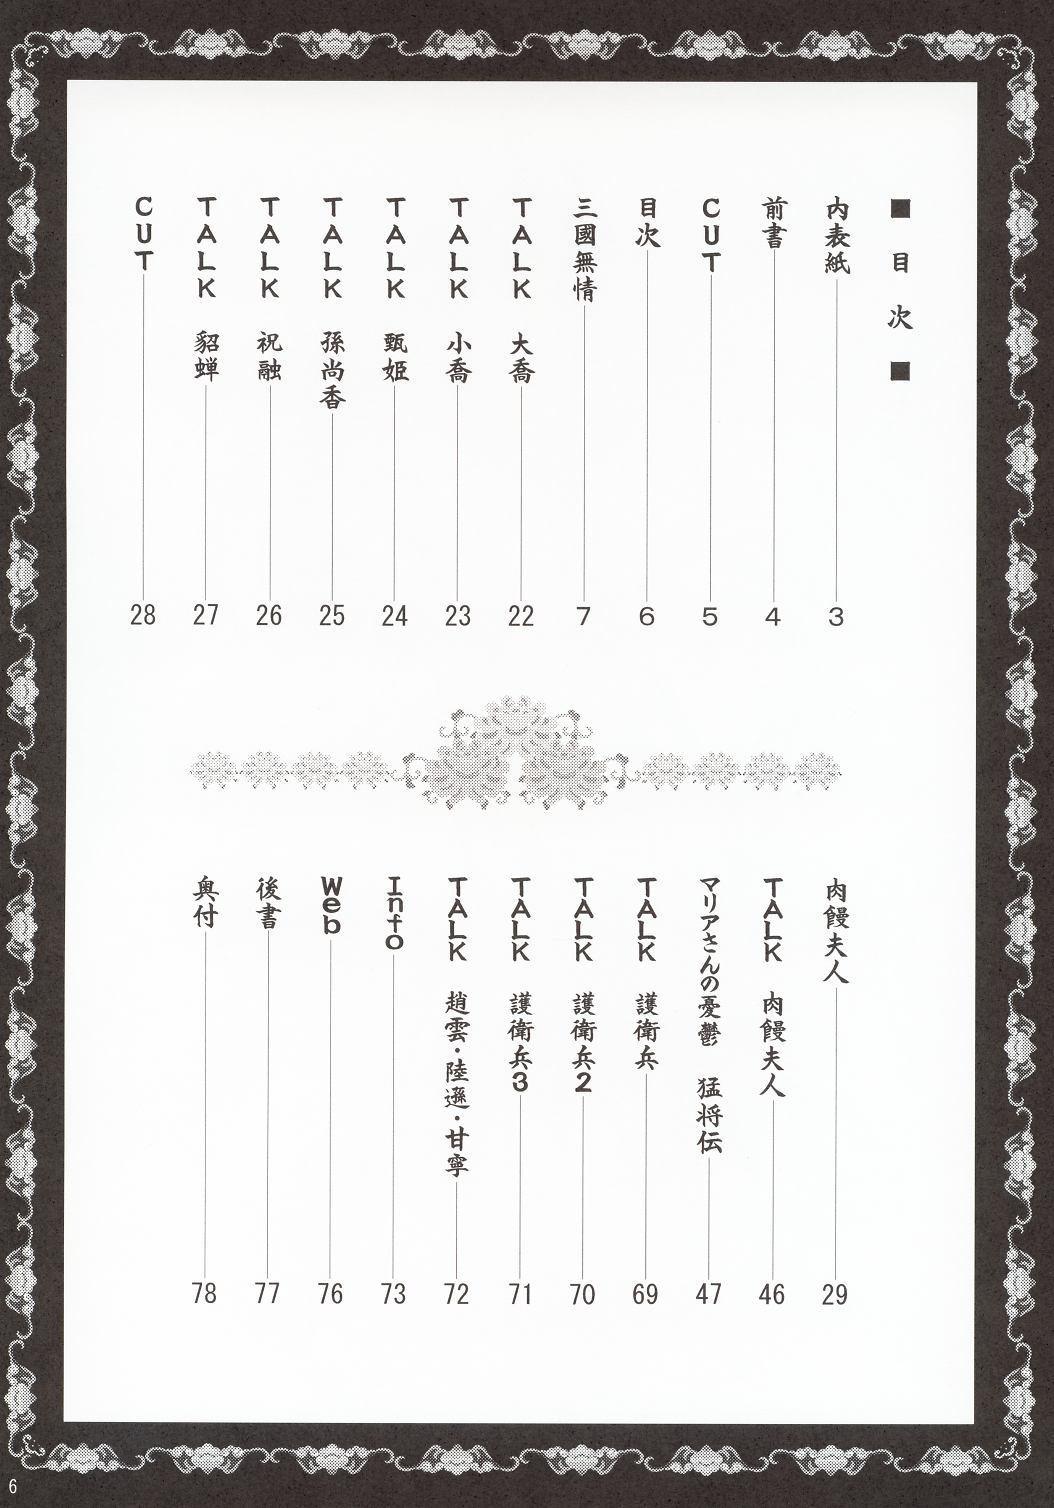 In Sangoku Musou 4